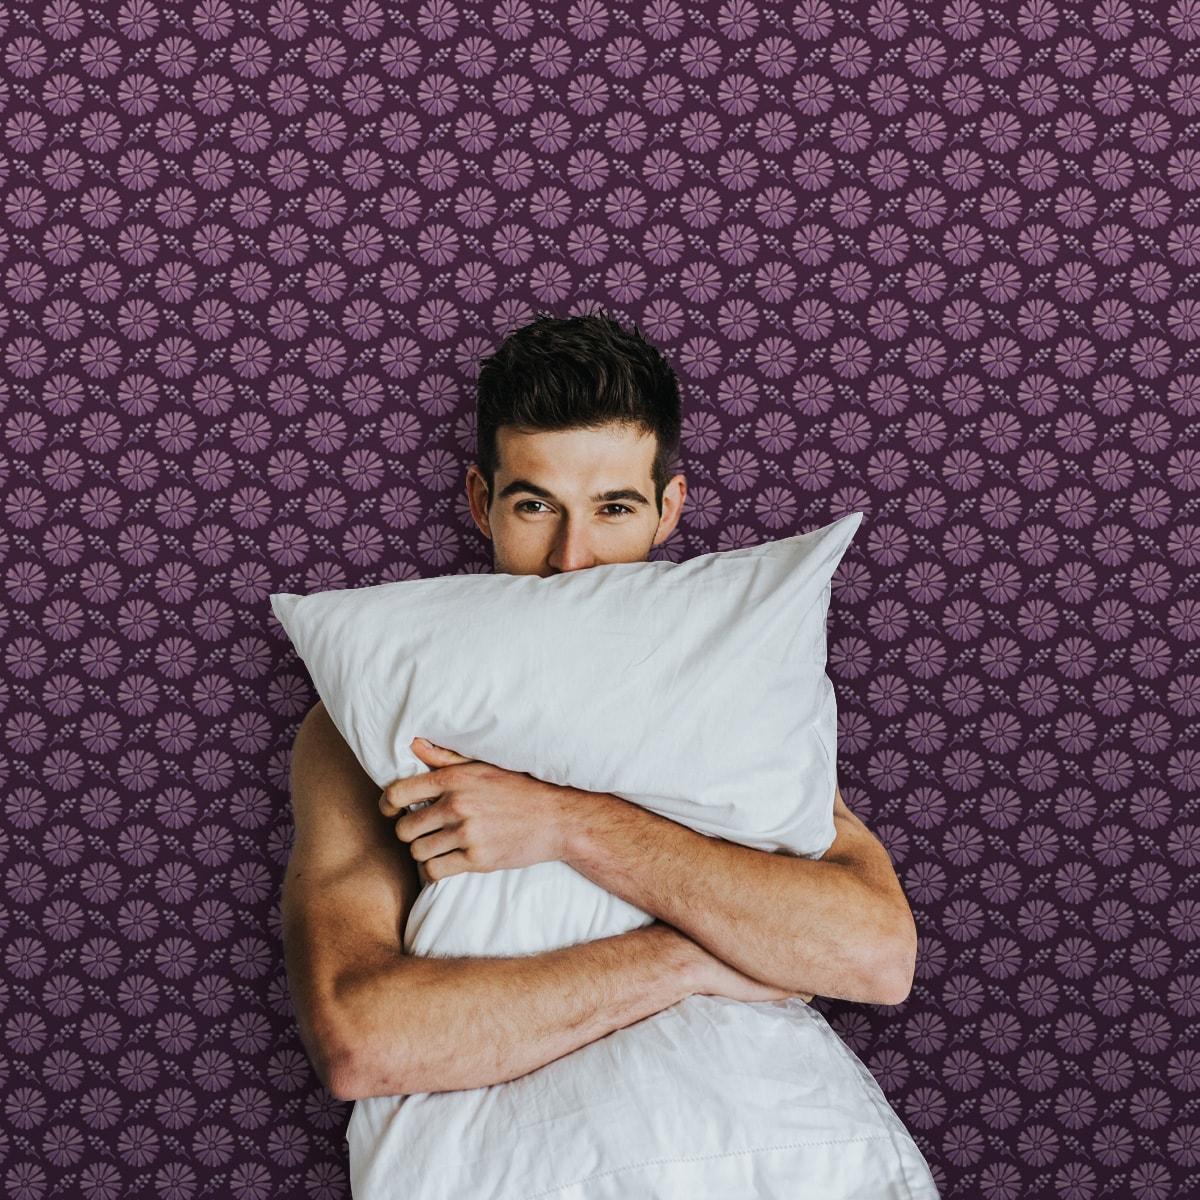 Schlafzimmer tapezieren in violett: Klassische Blumentapete